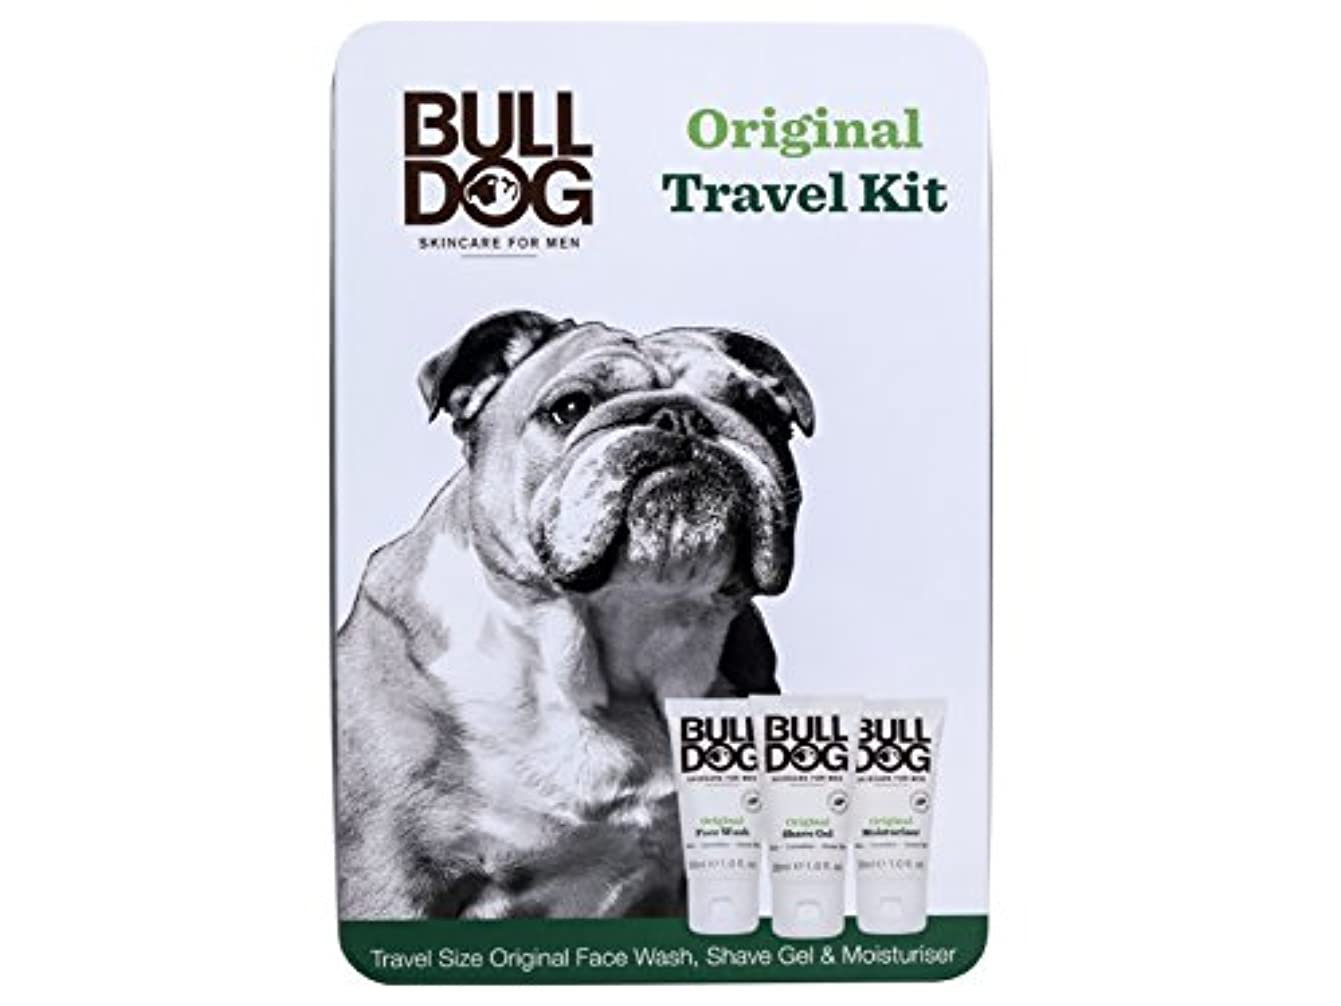 スクランブル健康にじみ出るブルドッグ Bulldog トラベルキット